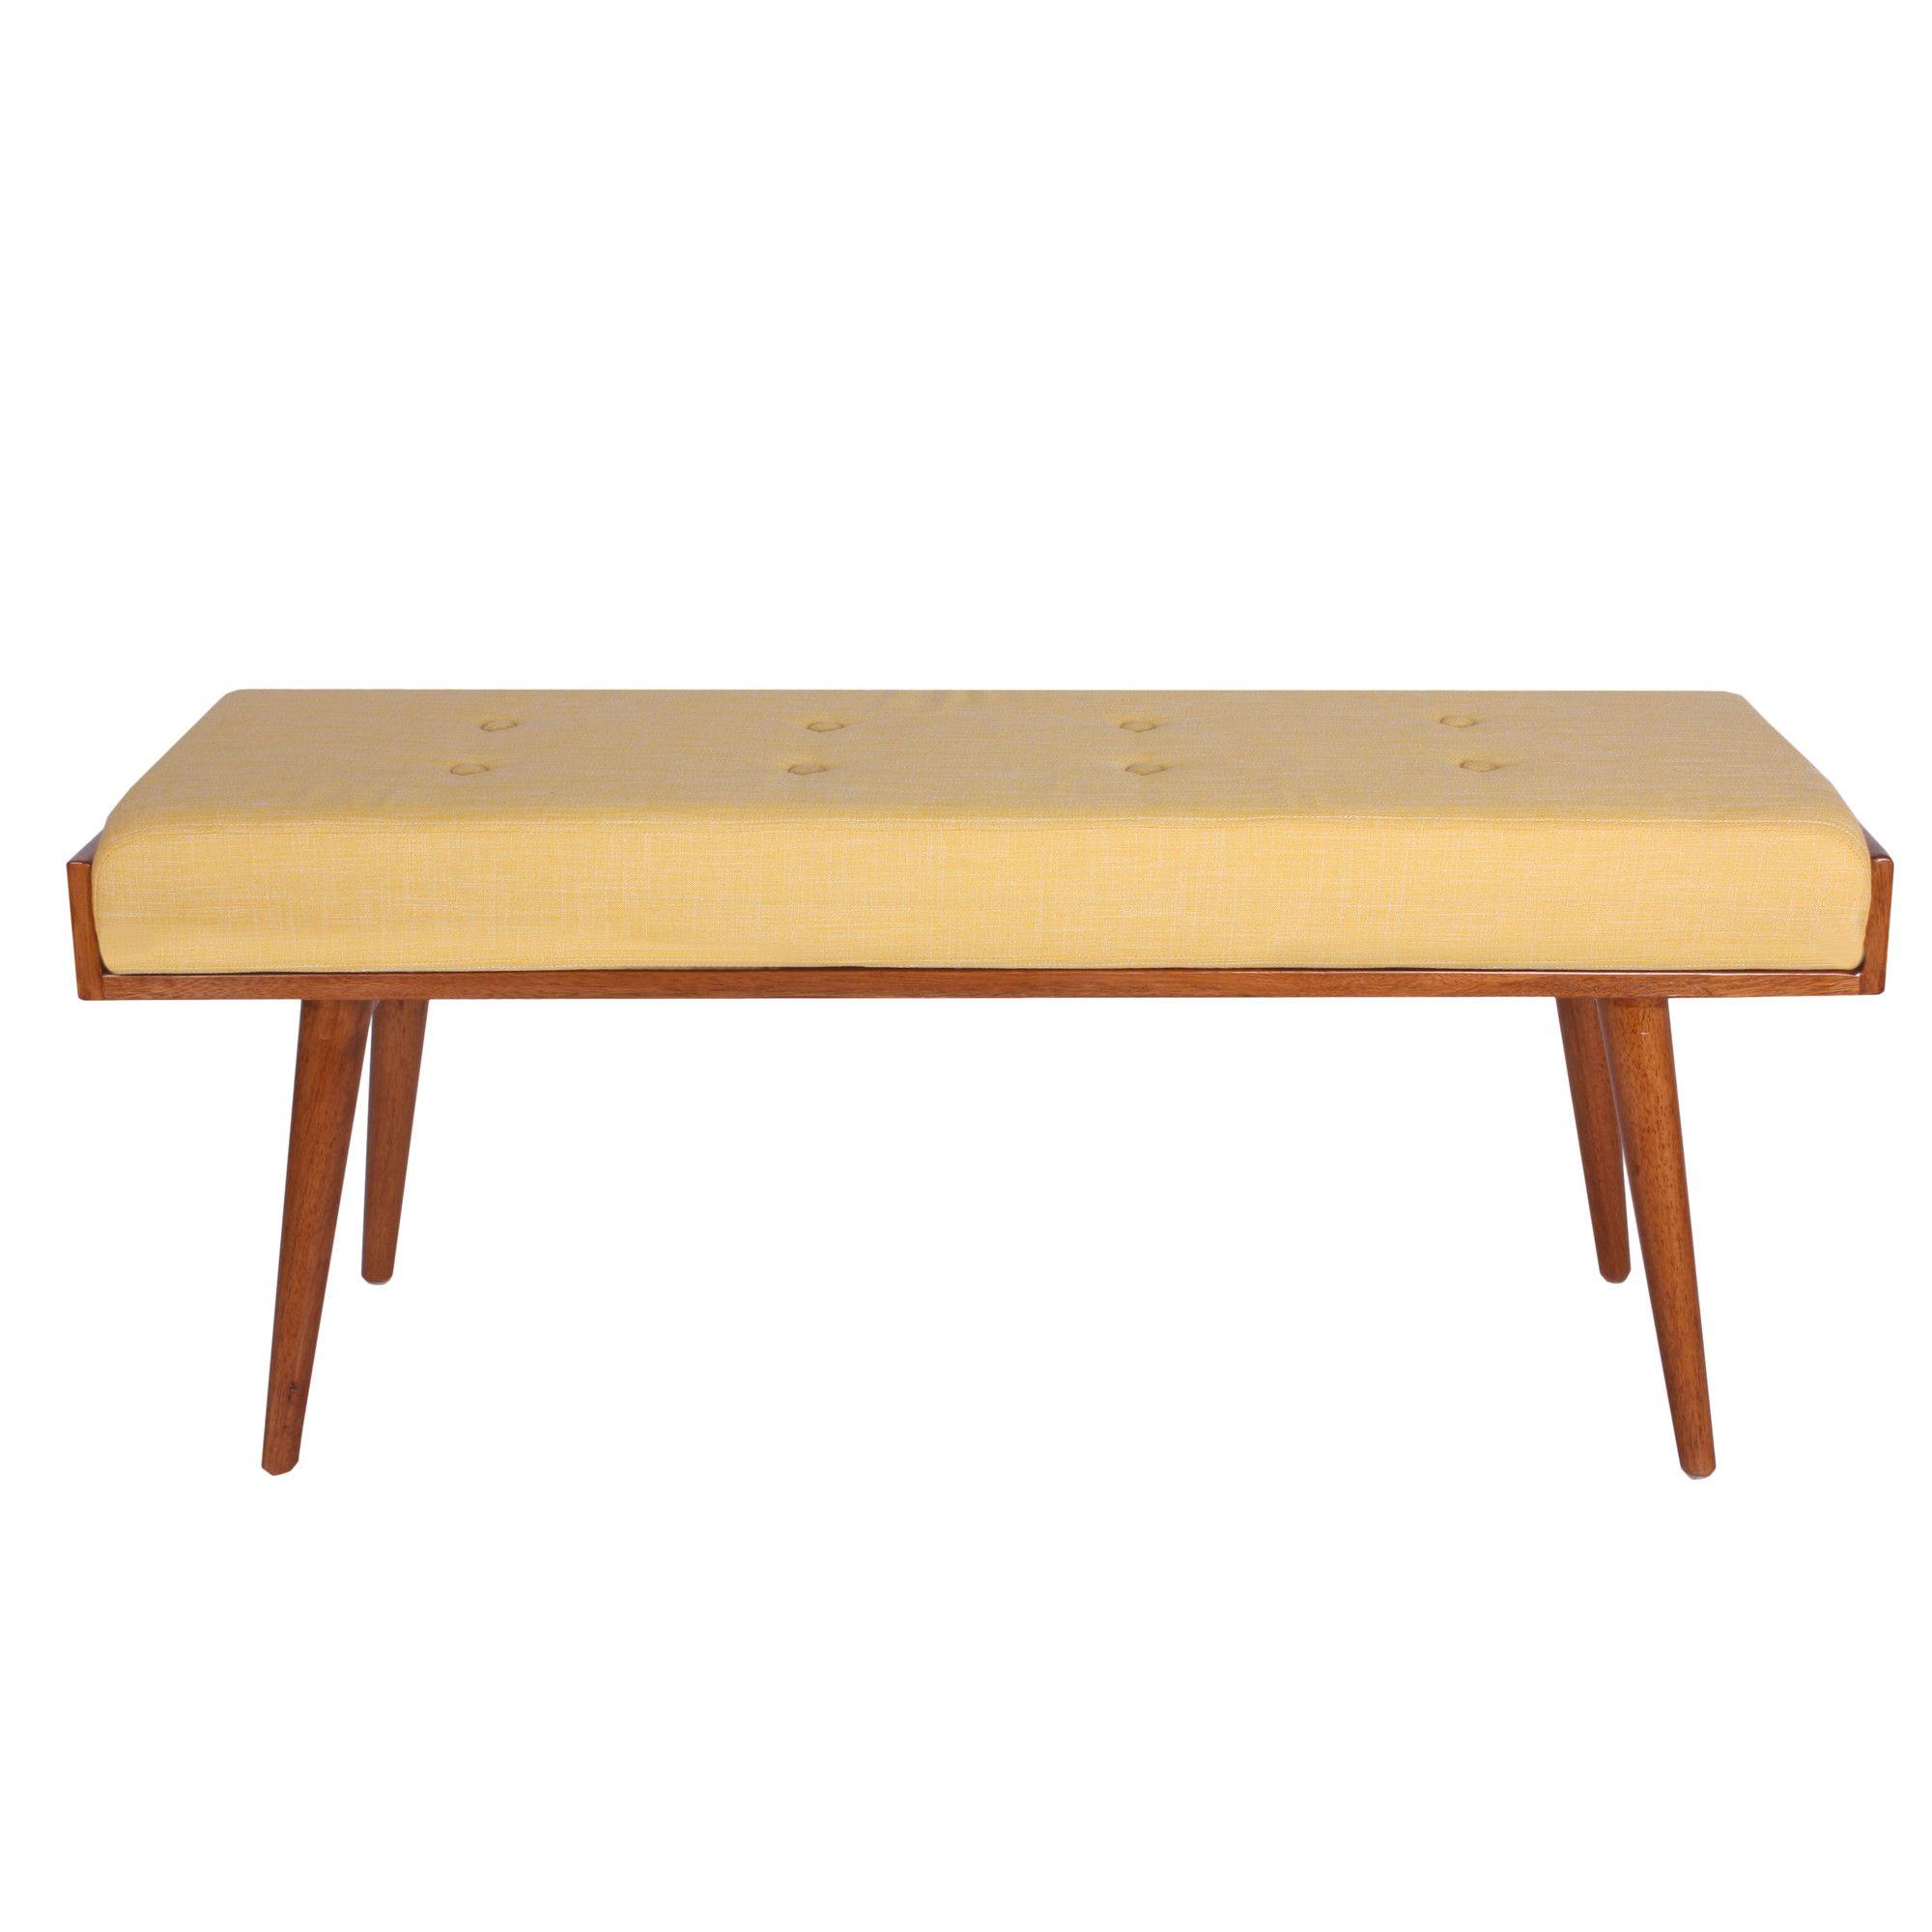 aysel upholstered bedroom bench | panchine, stanze da letto e ... - Panche Per Camera Da Letto